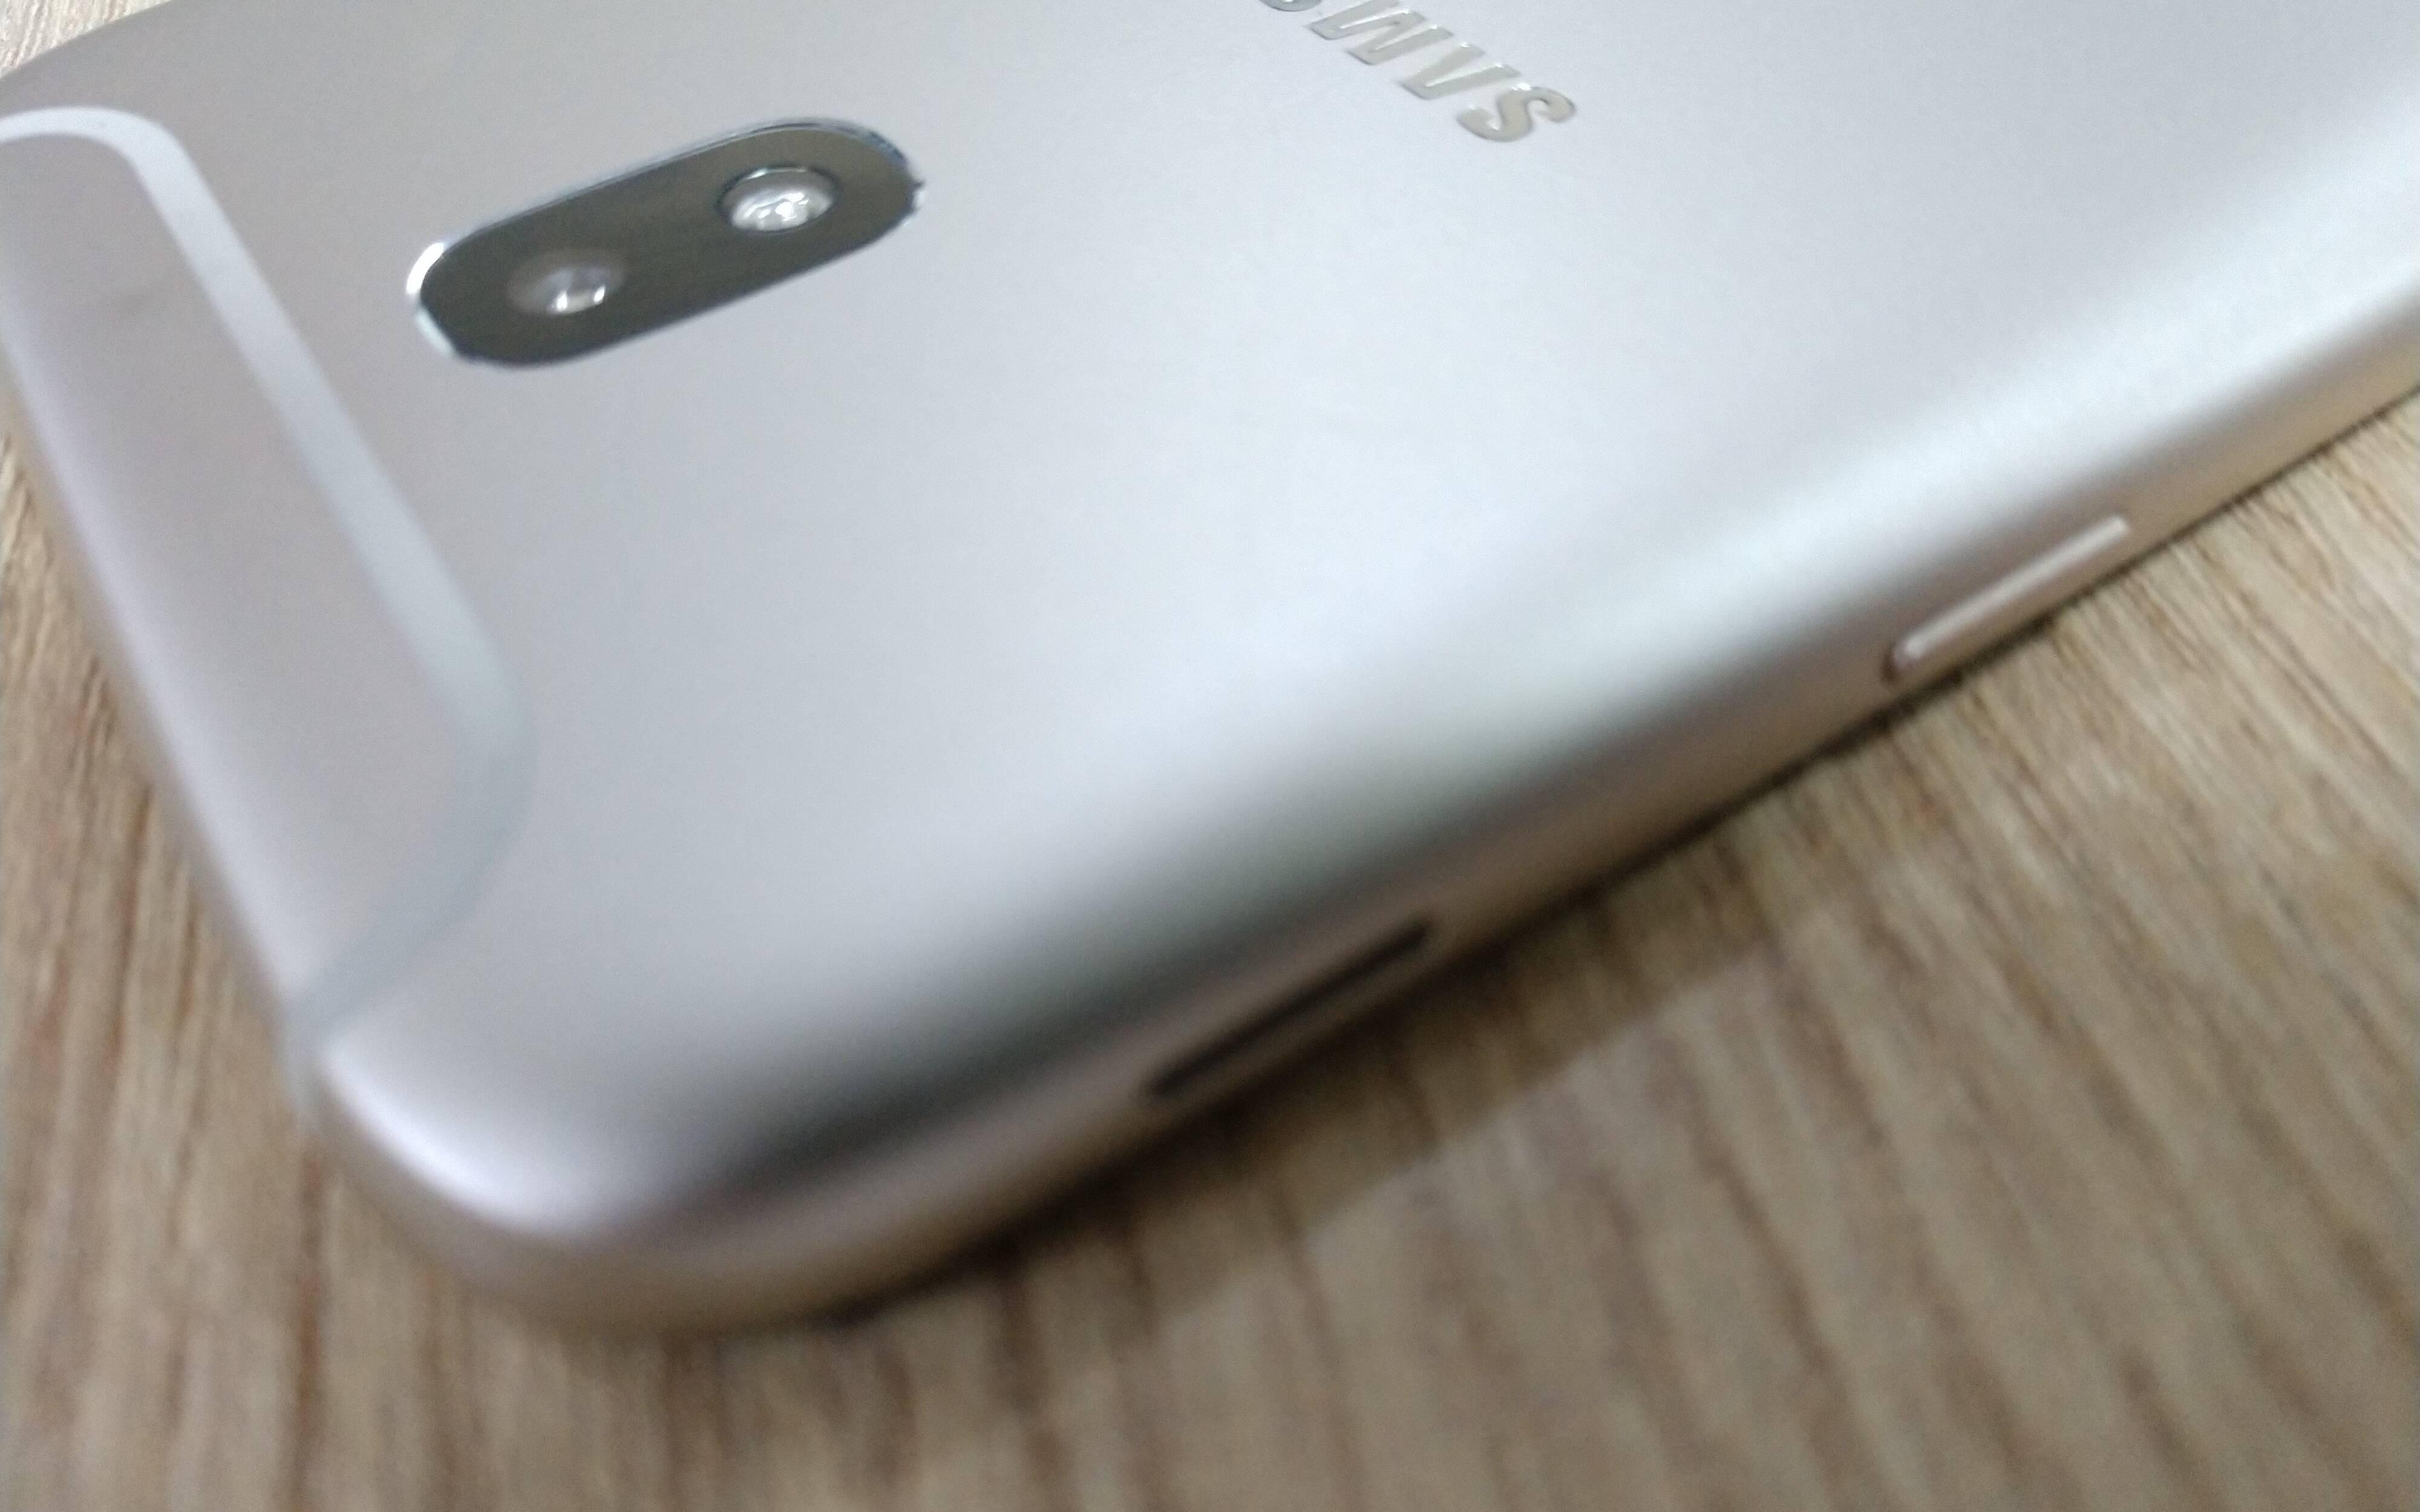 Galaxy J5 Pro é desenvolvido com acabamento em alumínio e detalhes na traseira. Foto: Victor Hugo Silva/Brasil Econômico